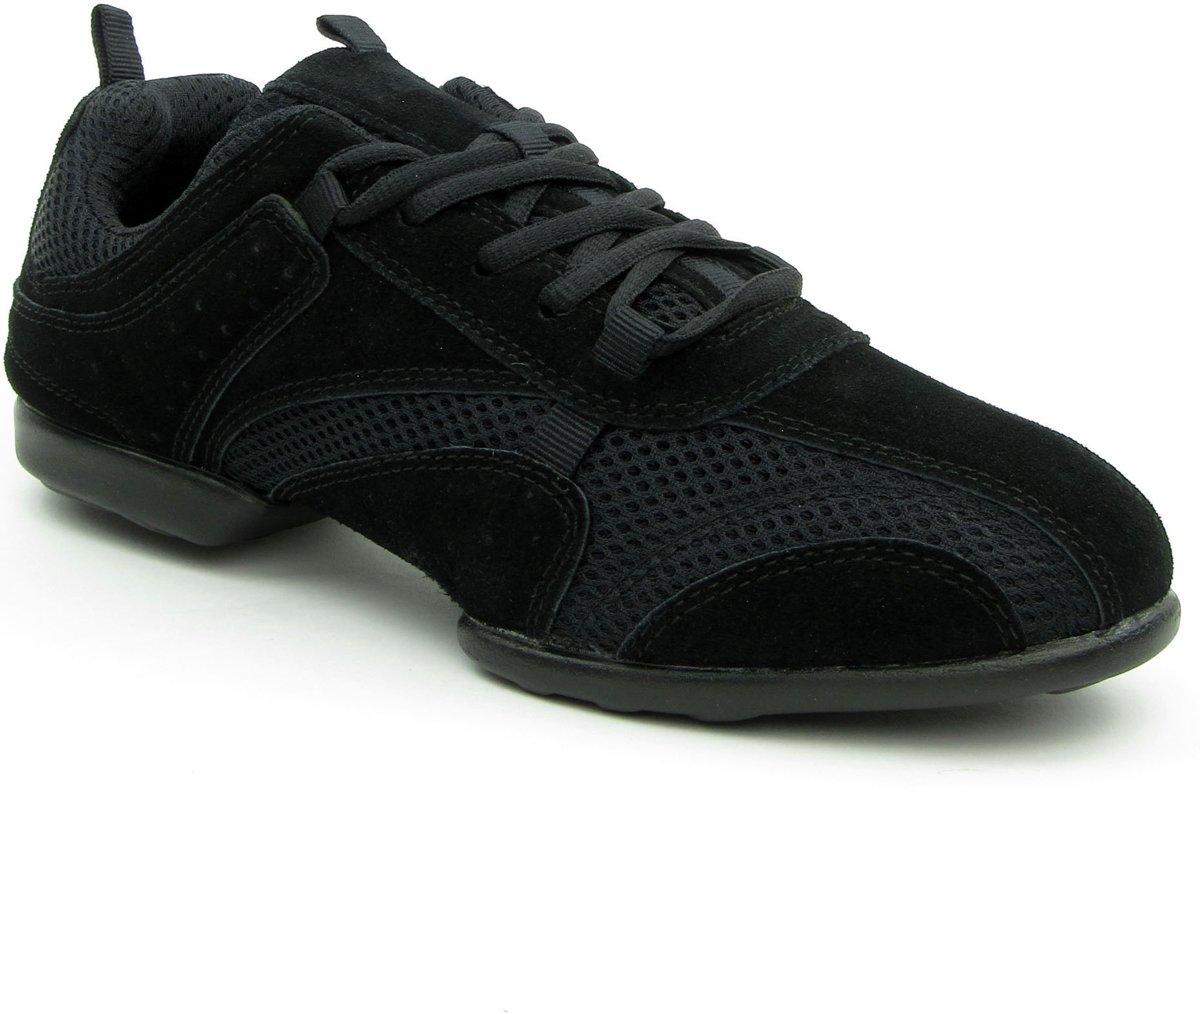 Chaussures De Danse Rumpf Nero 1566 Noir Taille 50.5 TRI4L628